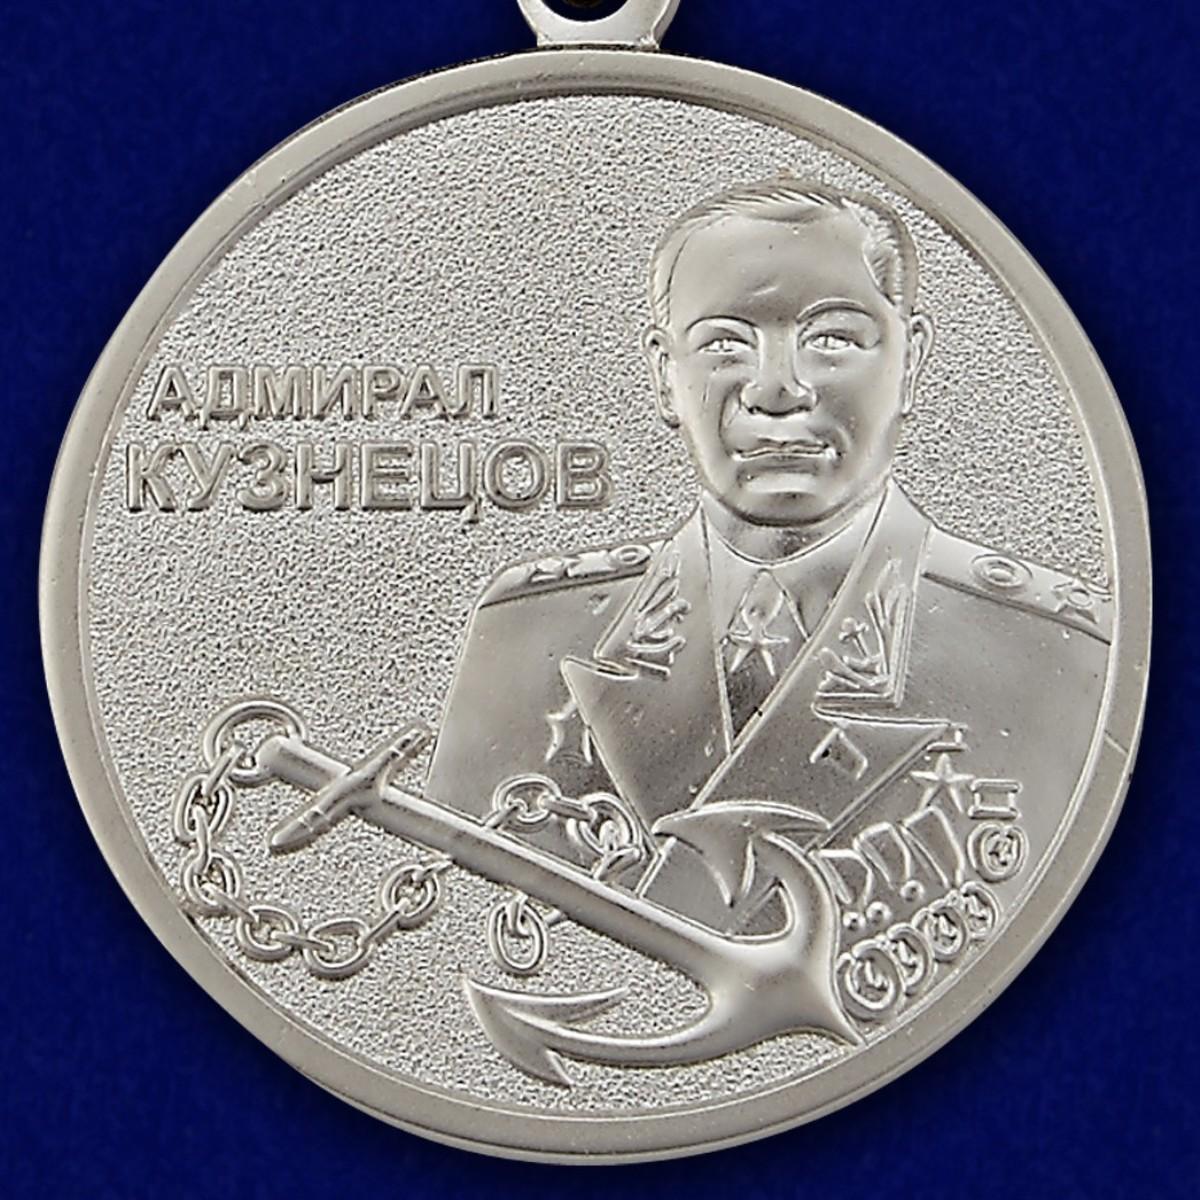 Медал� Адми�ал К�зне�ов